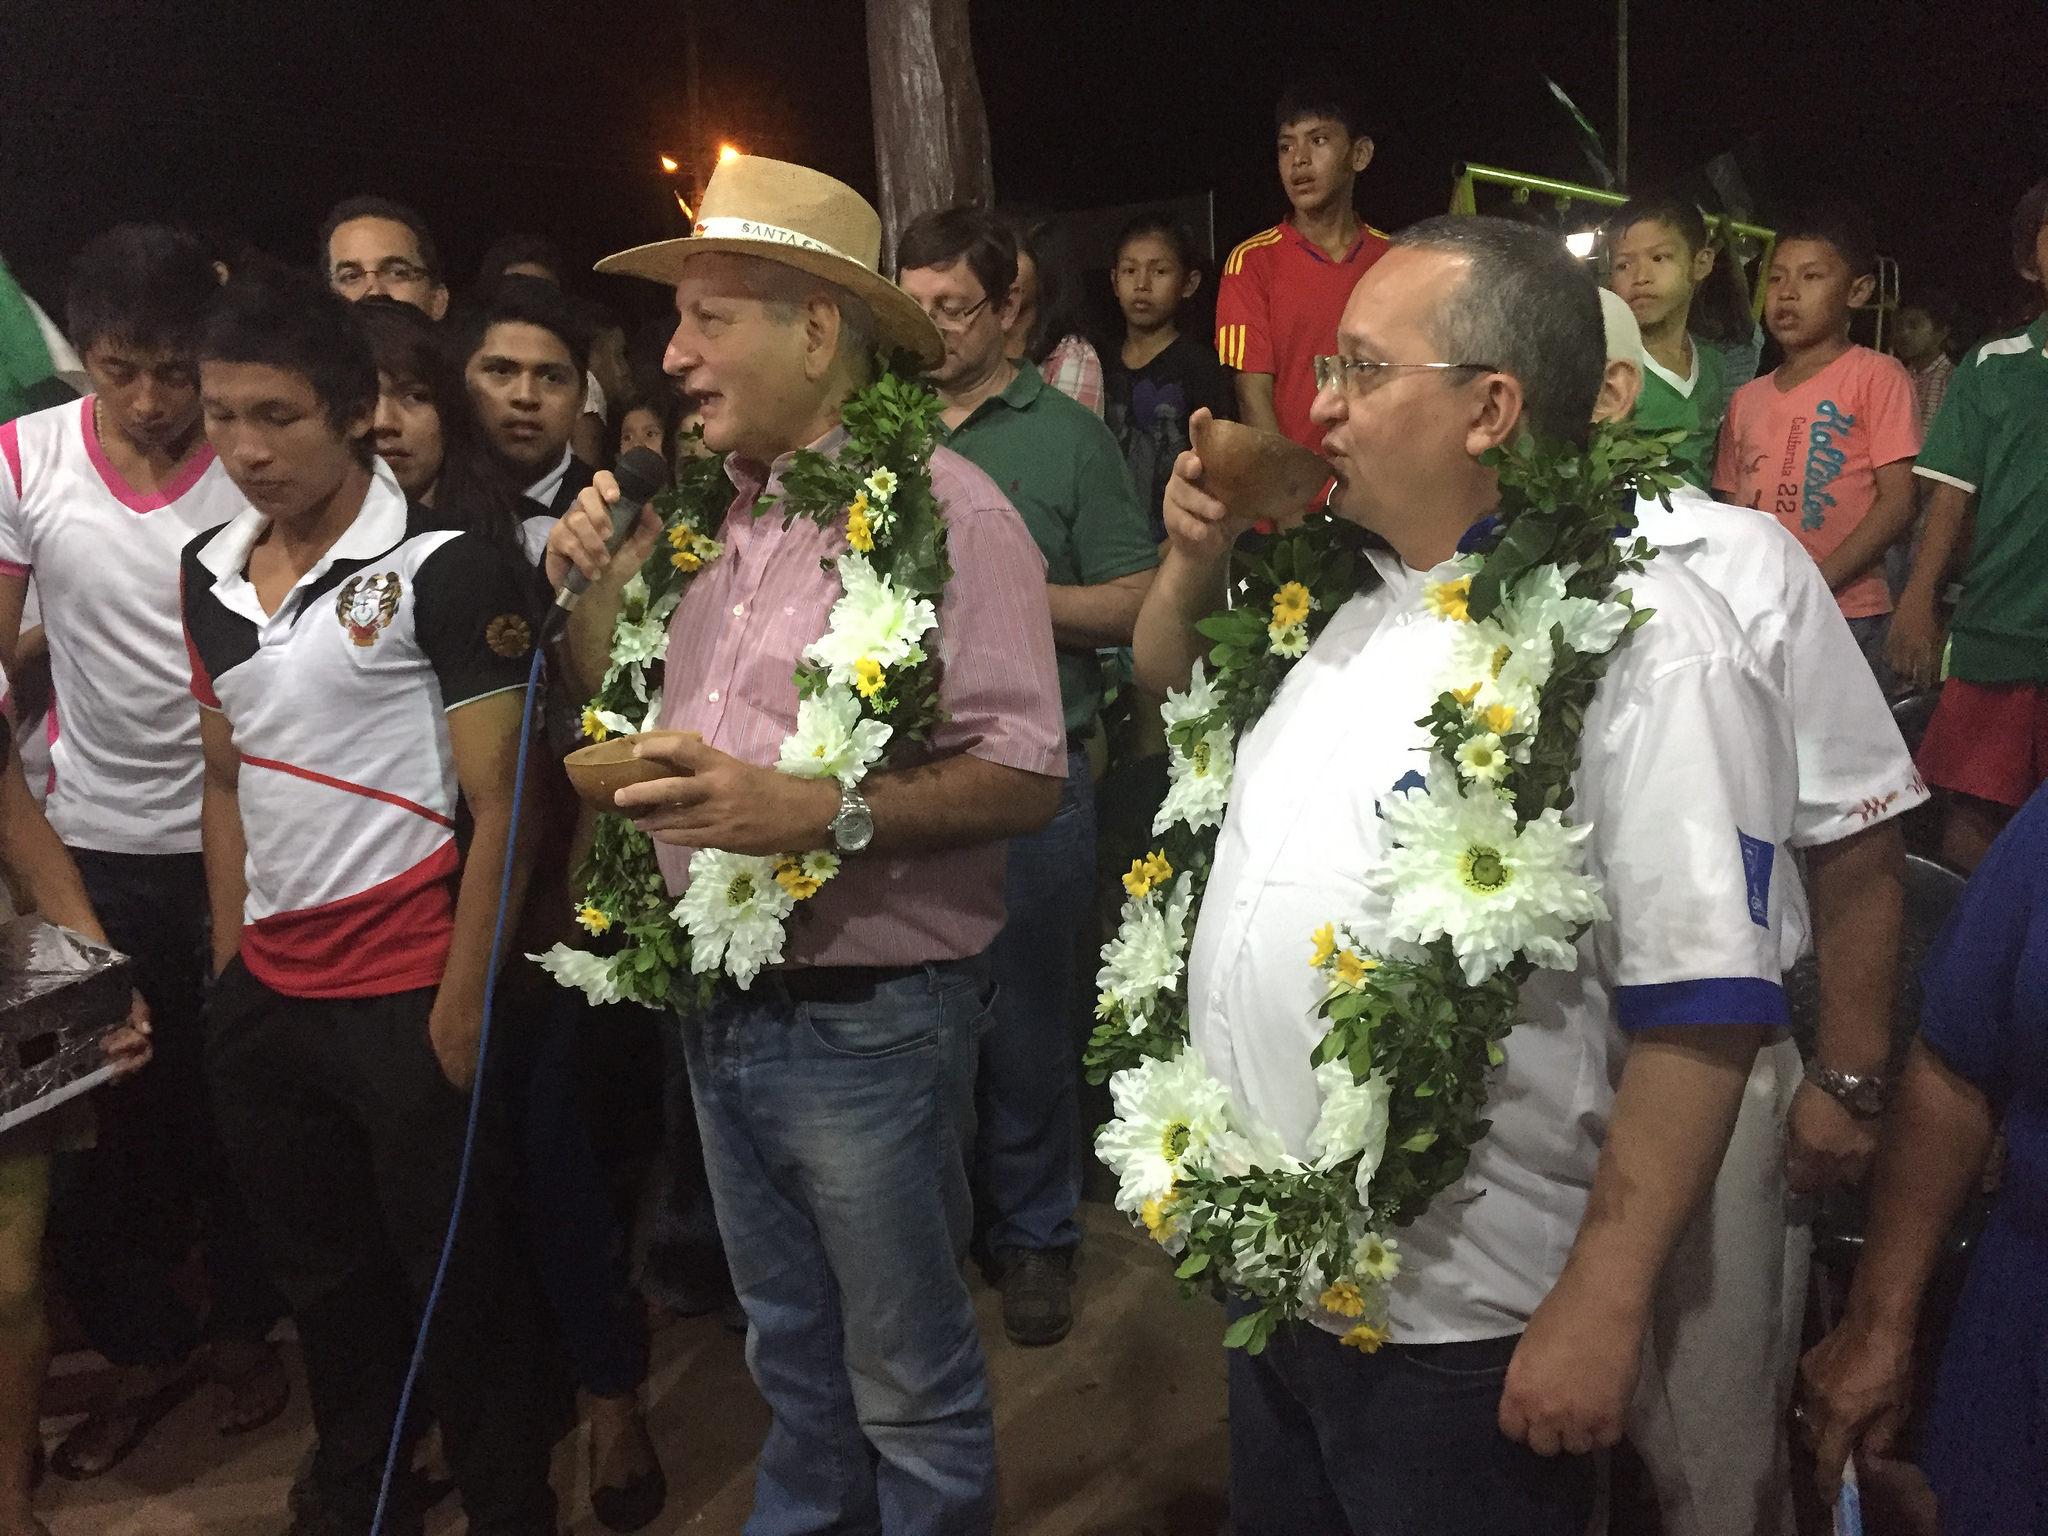 Caravana da Integração : Governo vislumbra eixo turístico entre Mato Grosso e Chiquitanos